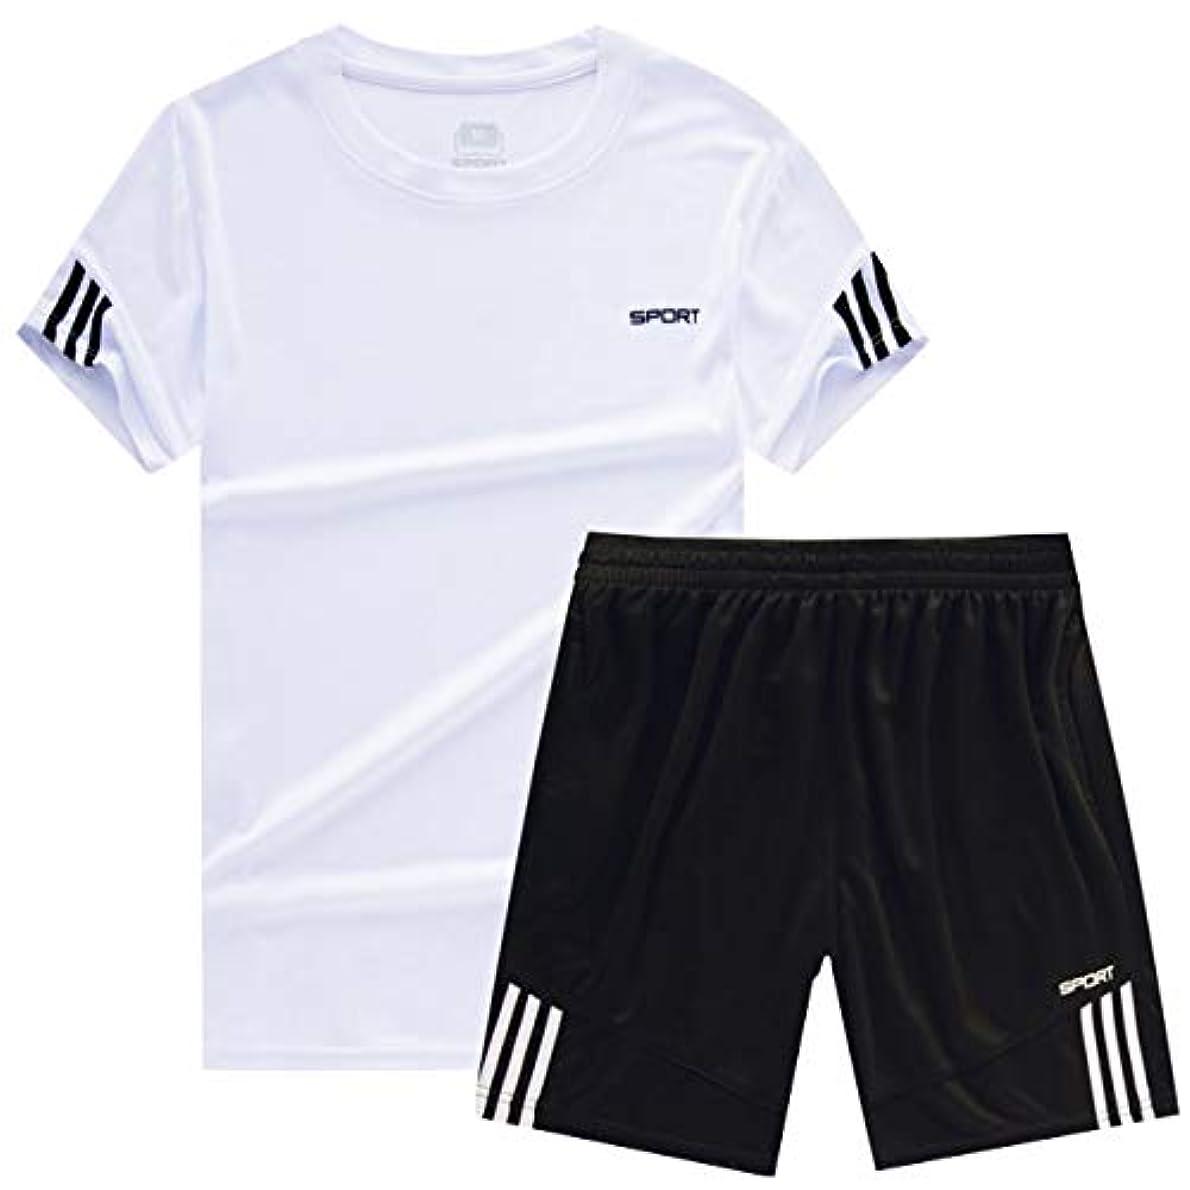 重荷適用する作者[ココチエ] スポーツウェア メンズ 半袖 短パン 上下 tシャツ 大きめ セットアップ 部屋着 夏